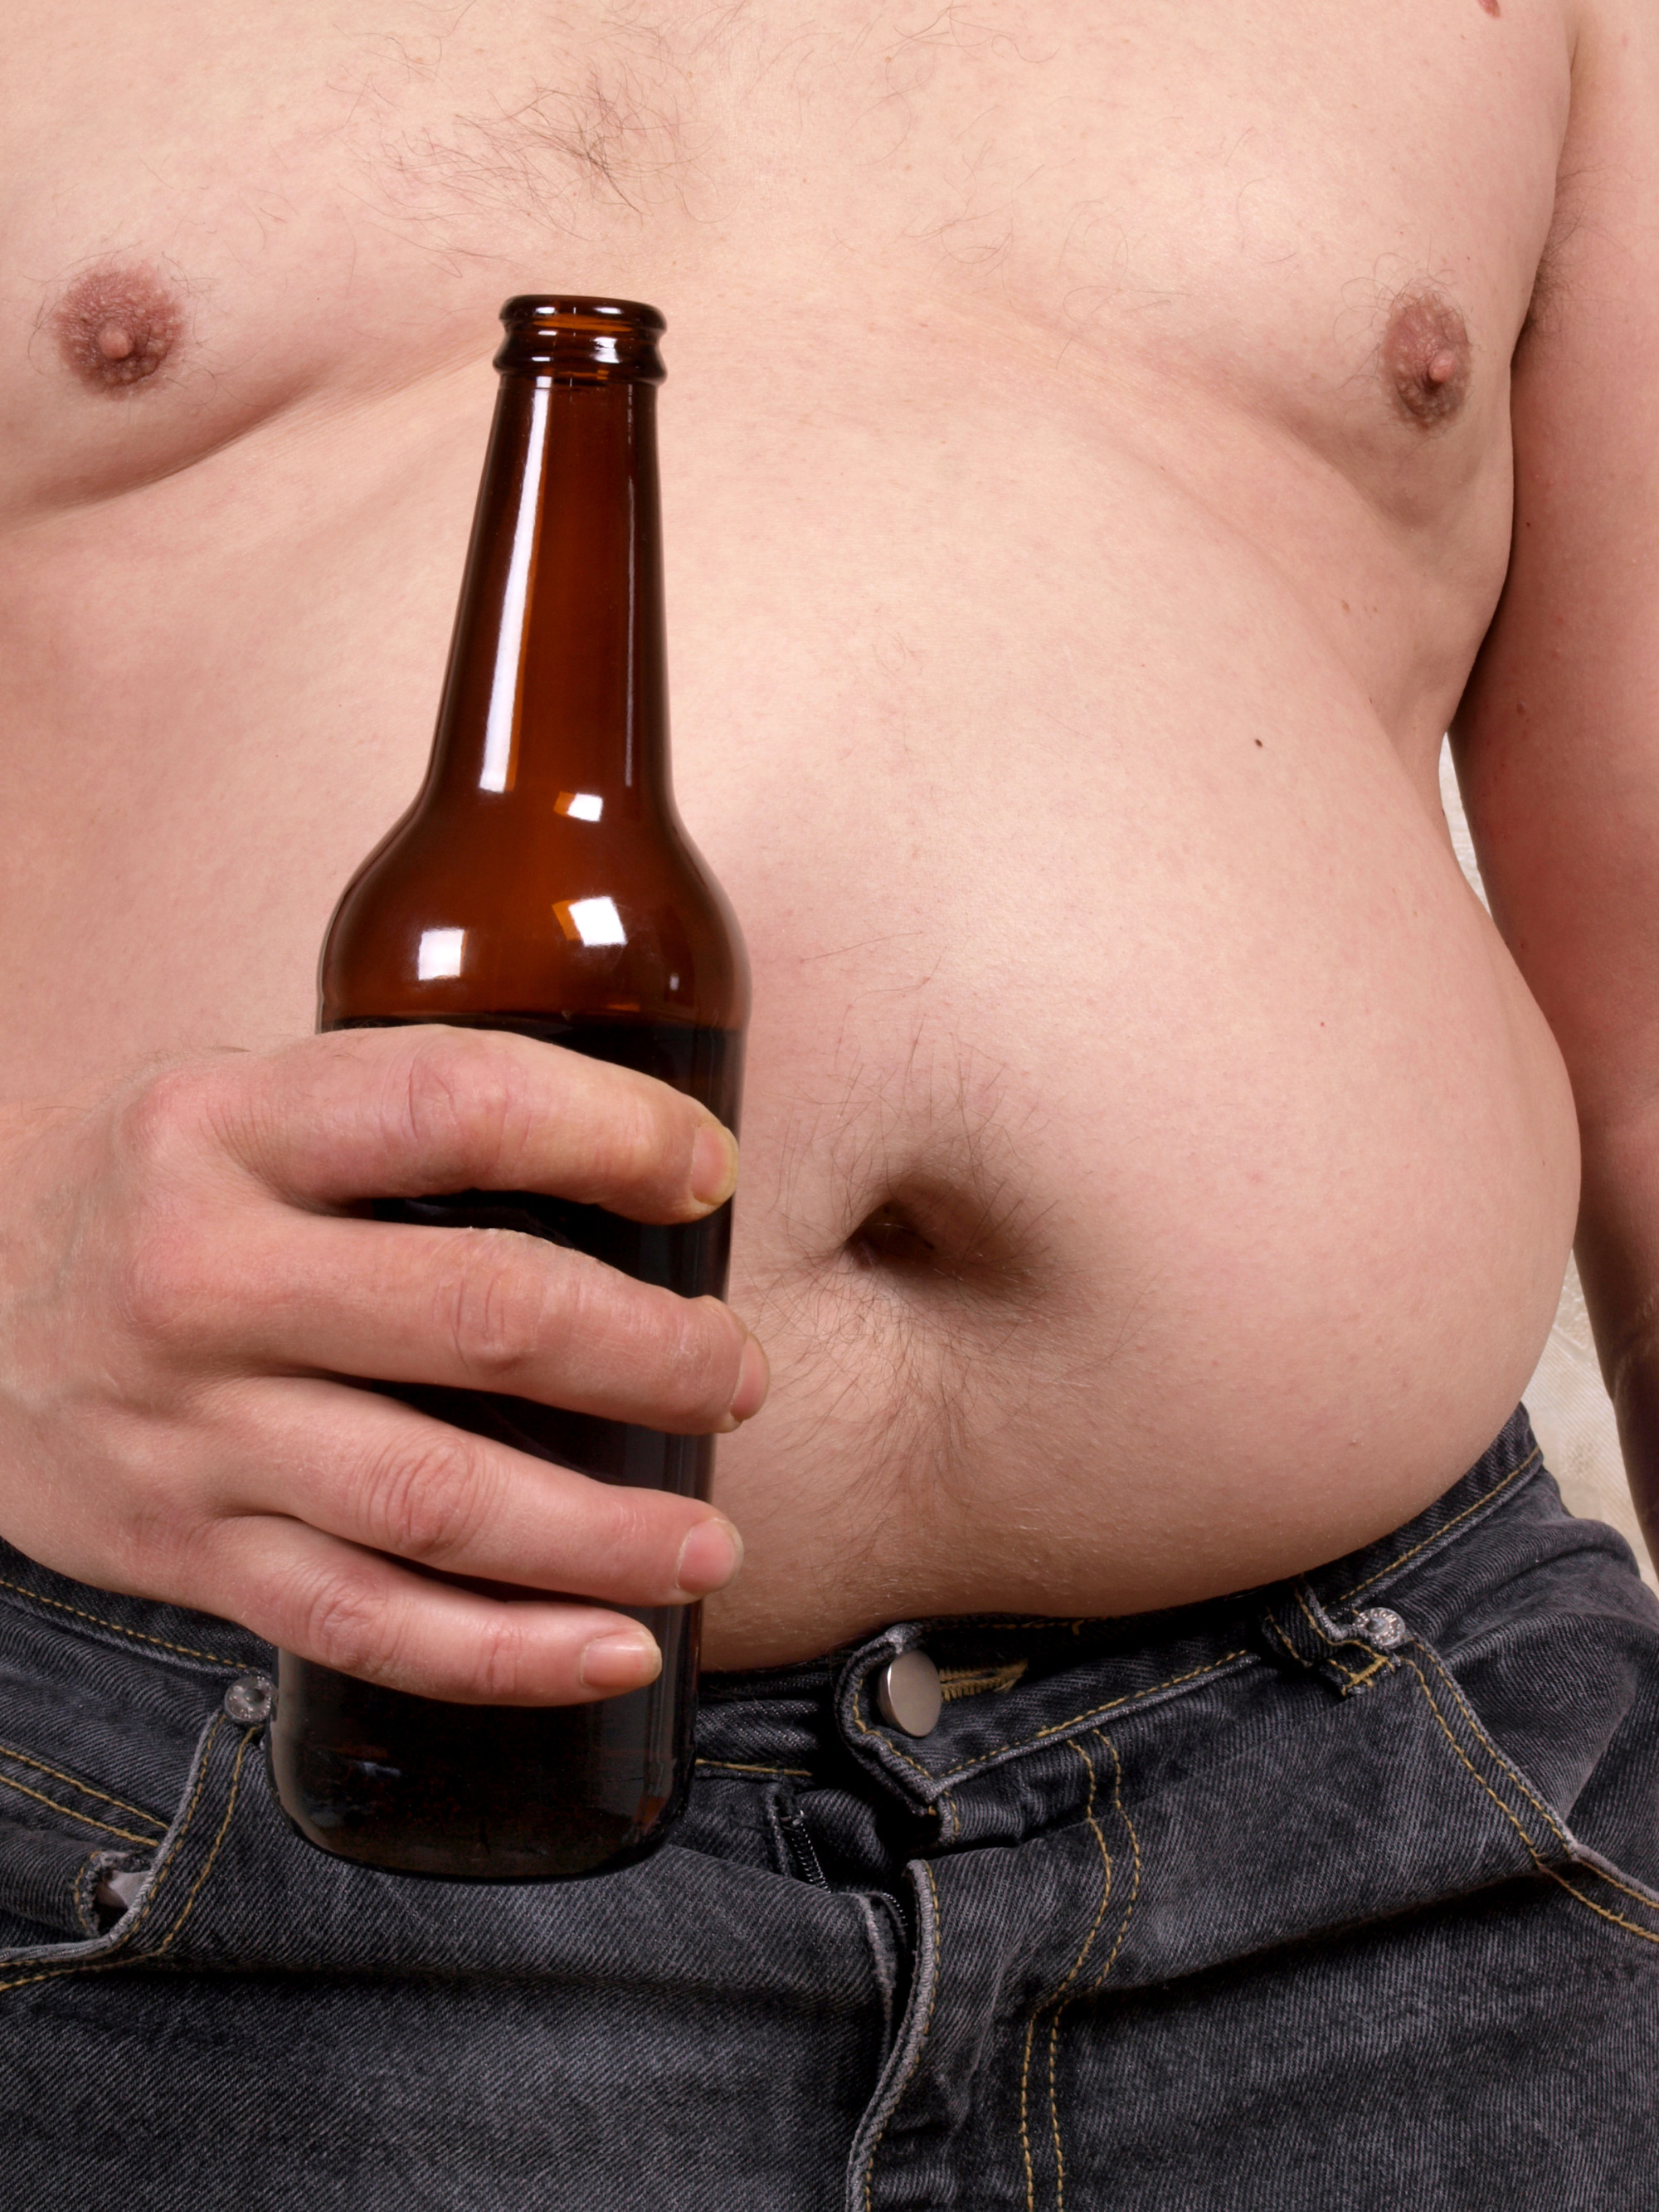 N Beely Man Gets Drunk On Food...